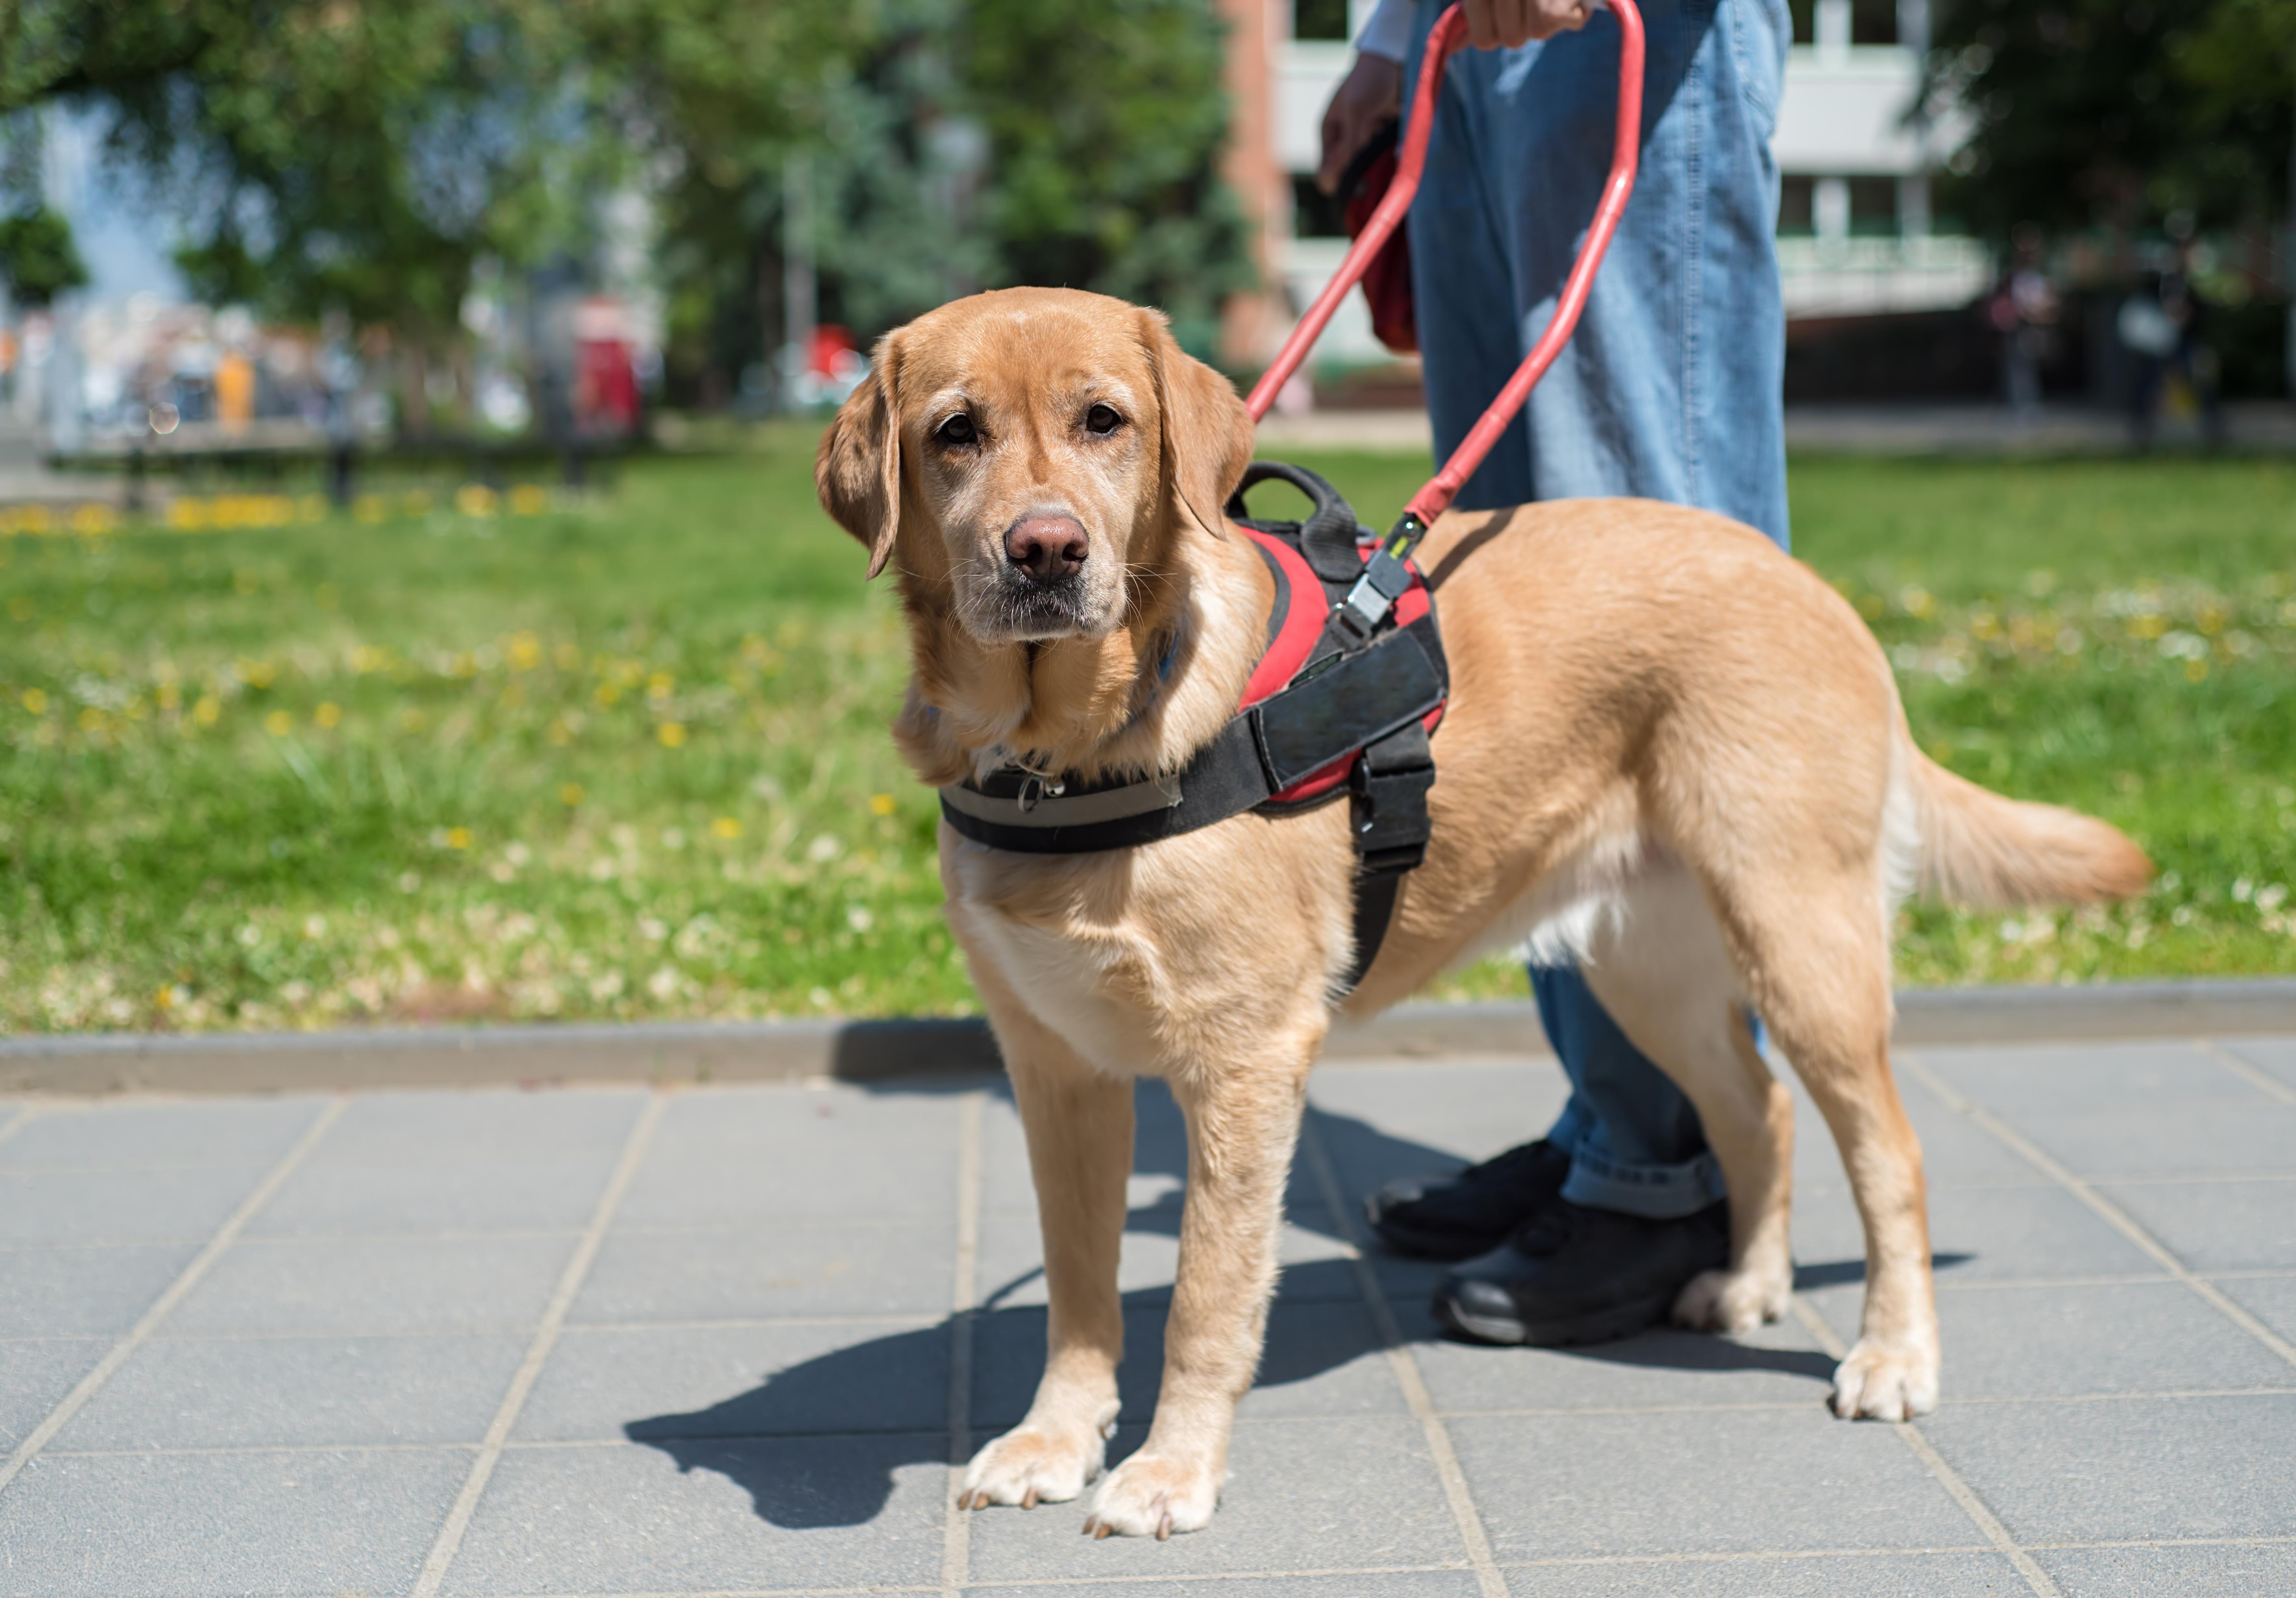 Foto de um cão-guia em pé, parado ao lado de seu tutor, que registrado da cintura para baixo. Ele é labrador, tem pelos castanhos e olha para frente. Eles estão em uma praça.